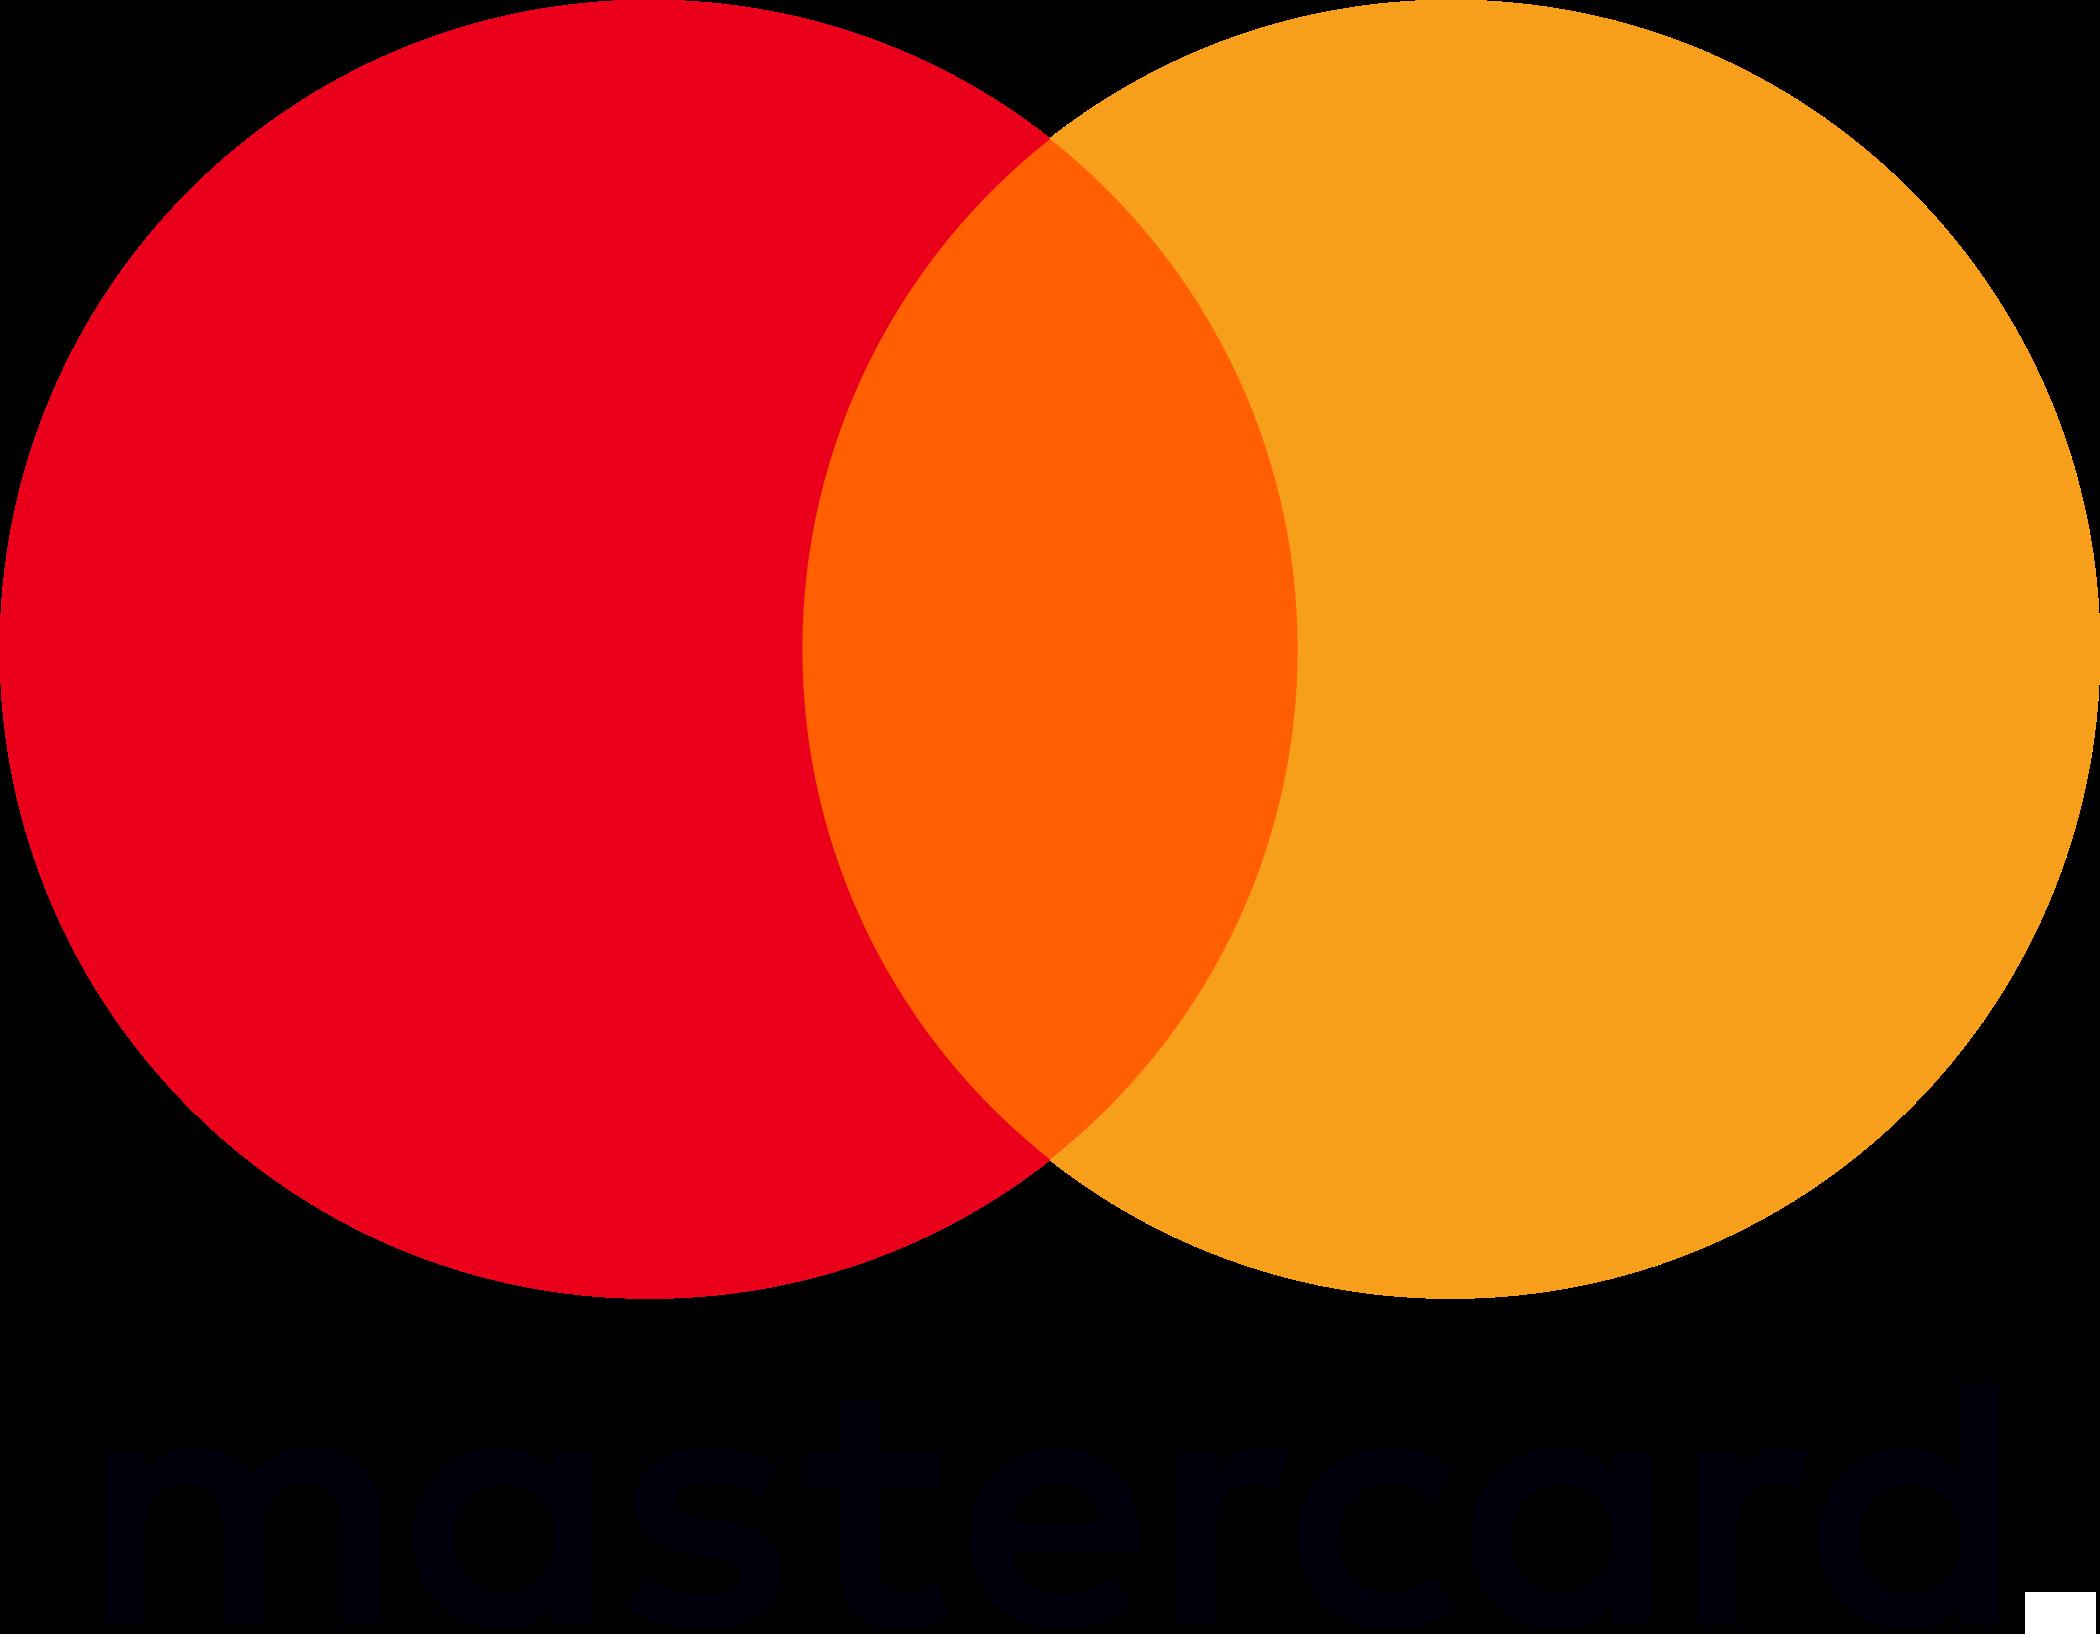 mastercard logo 1 1 - MasterCard Logo